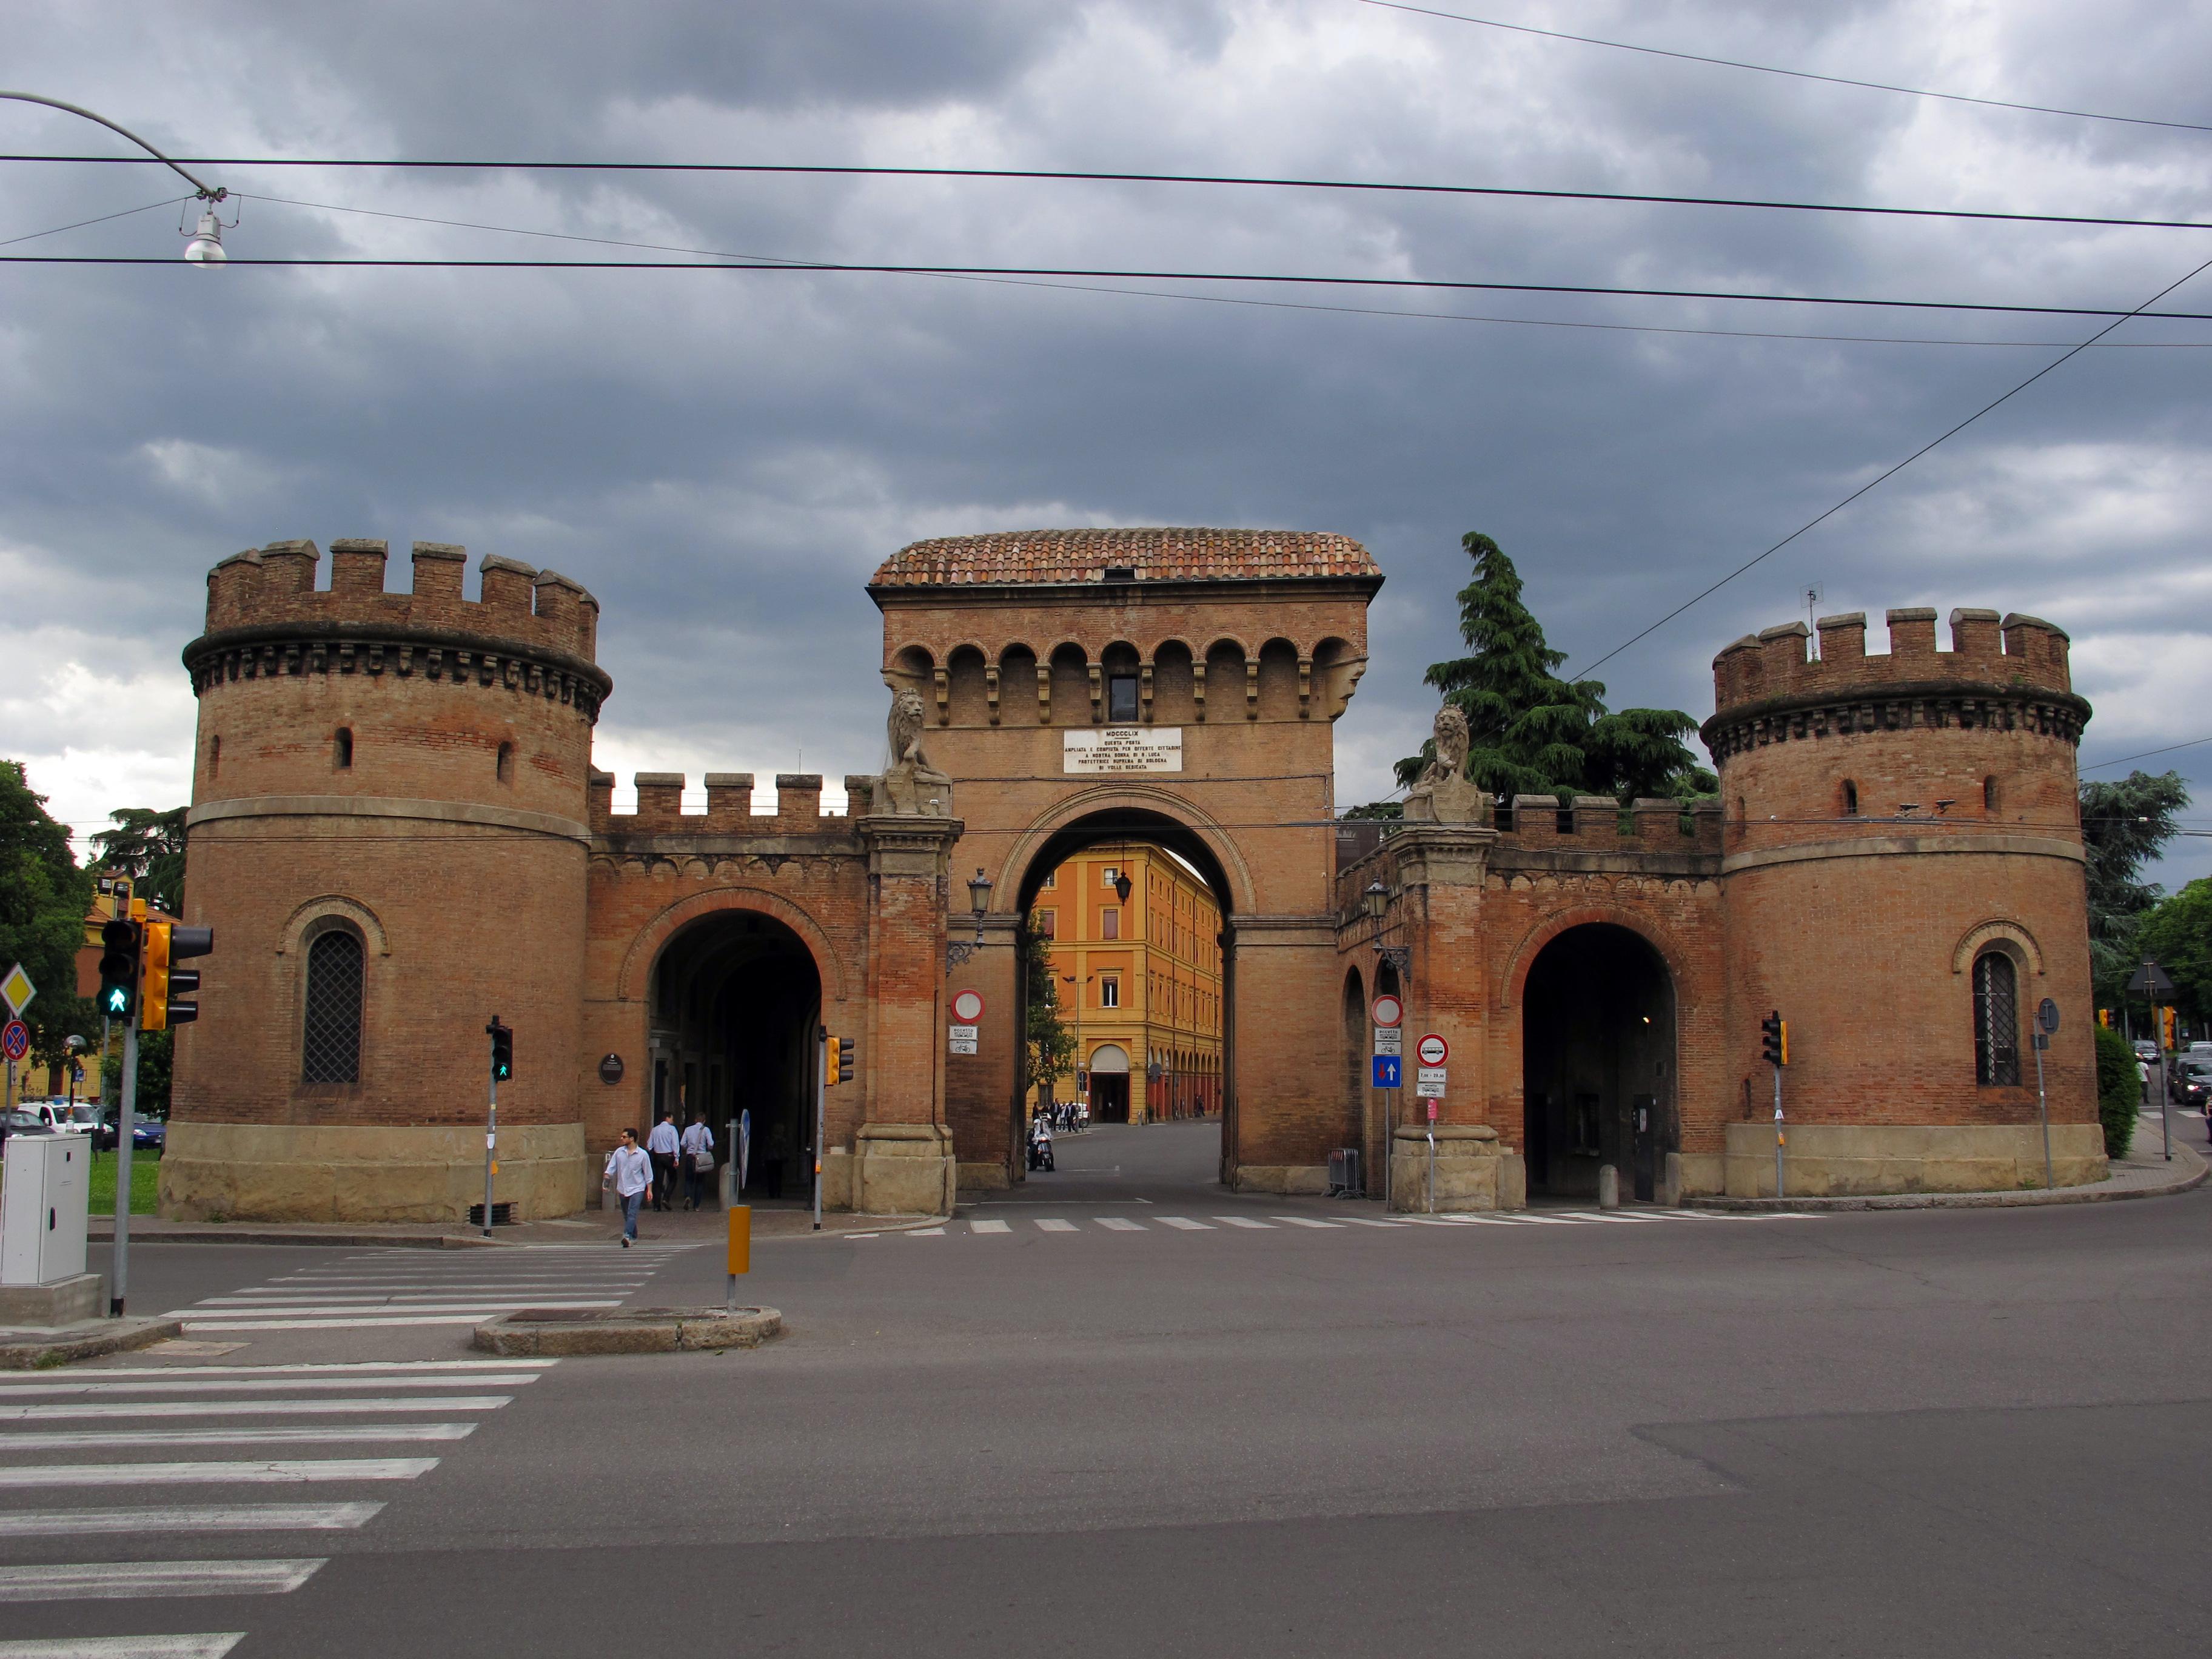 Porta Saragozza, Bologna - Wikipedia